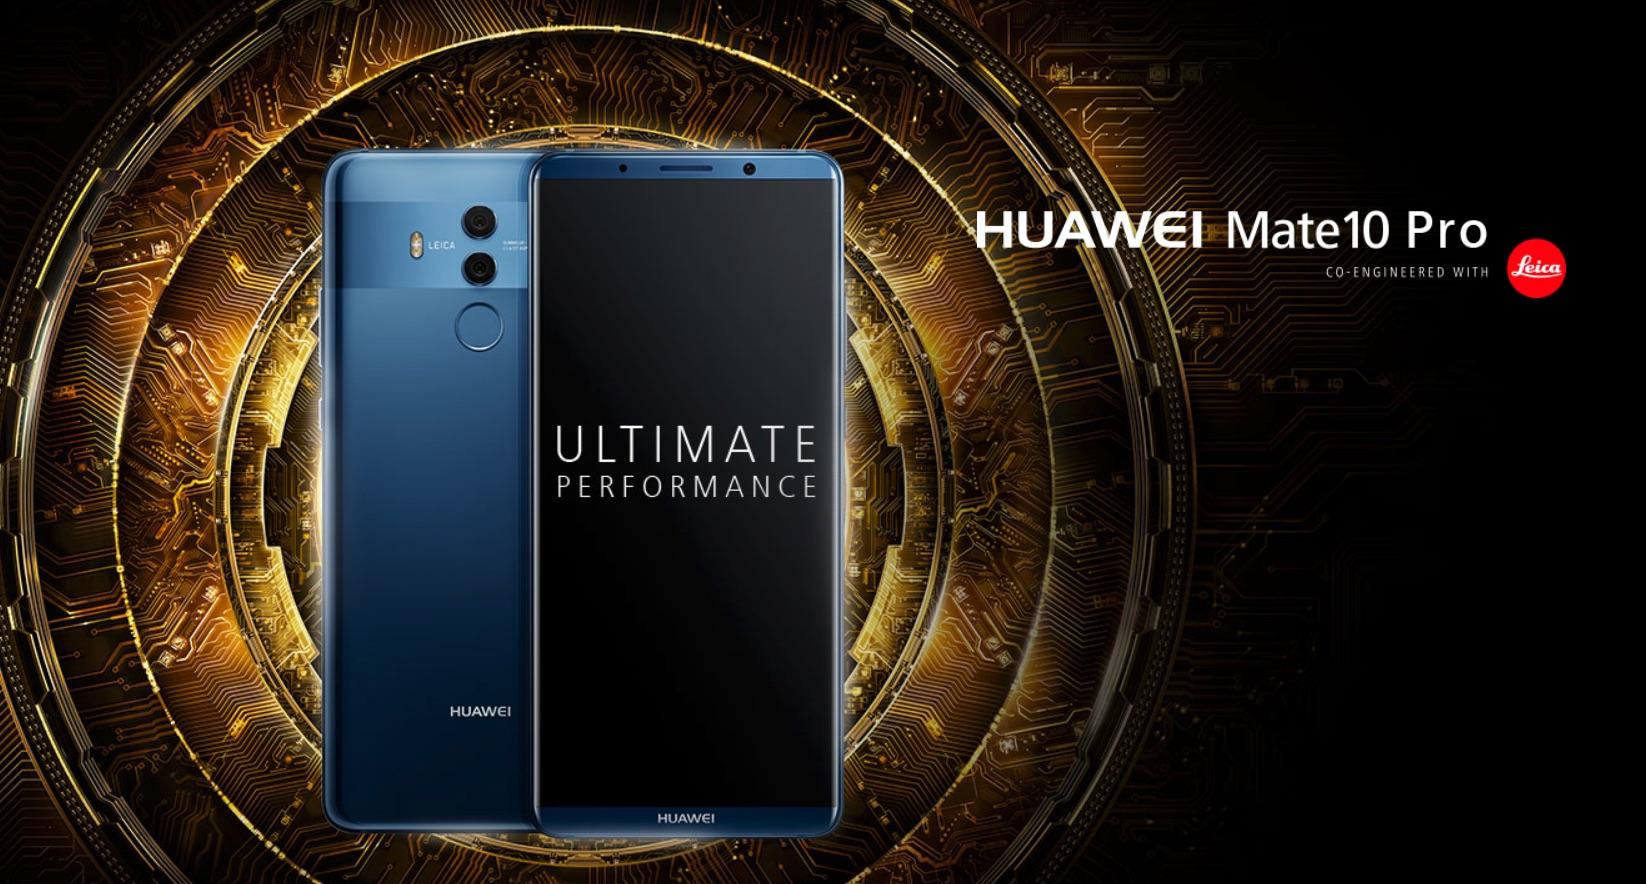 Huawei officialise ses Mate 10 et Mate 10 Pro : les caractéristiques en détails